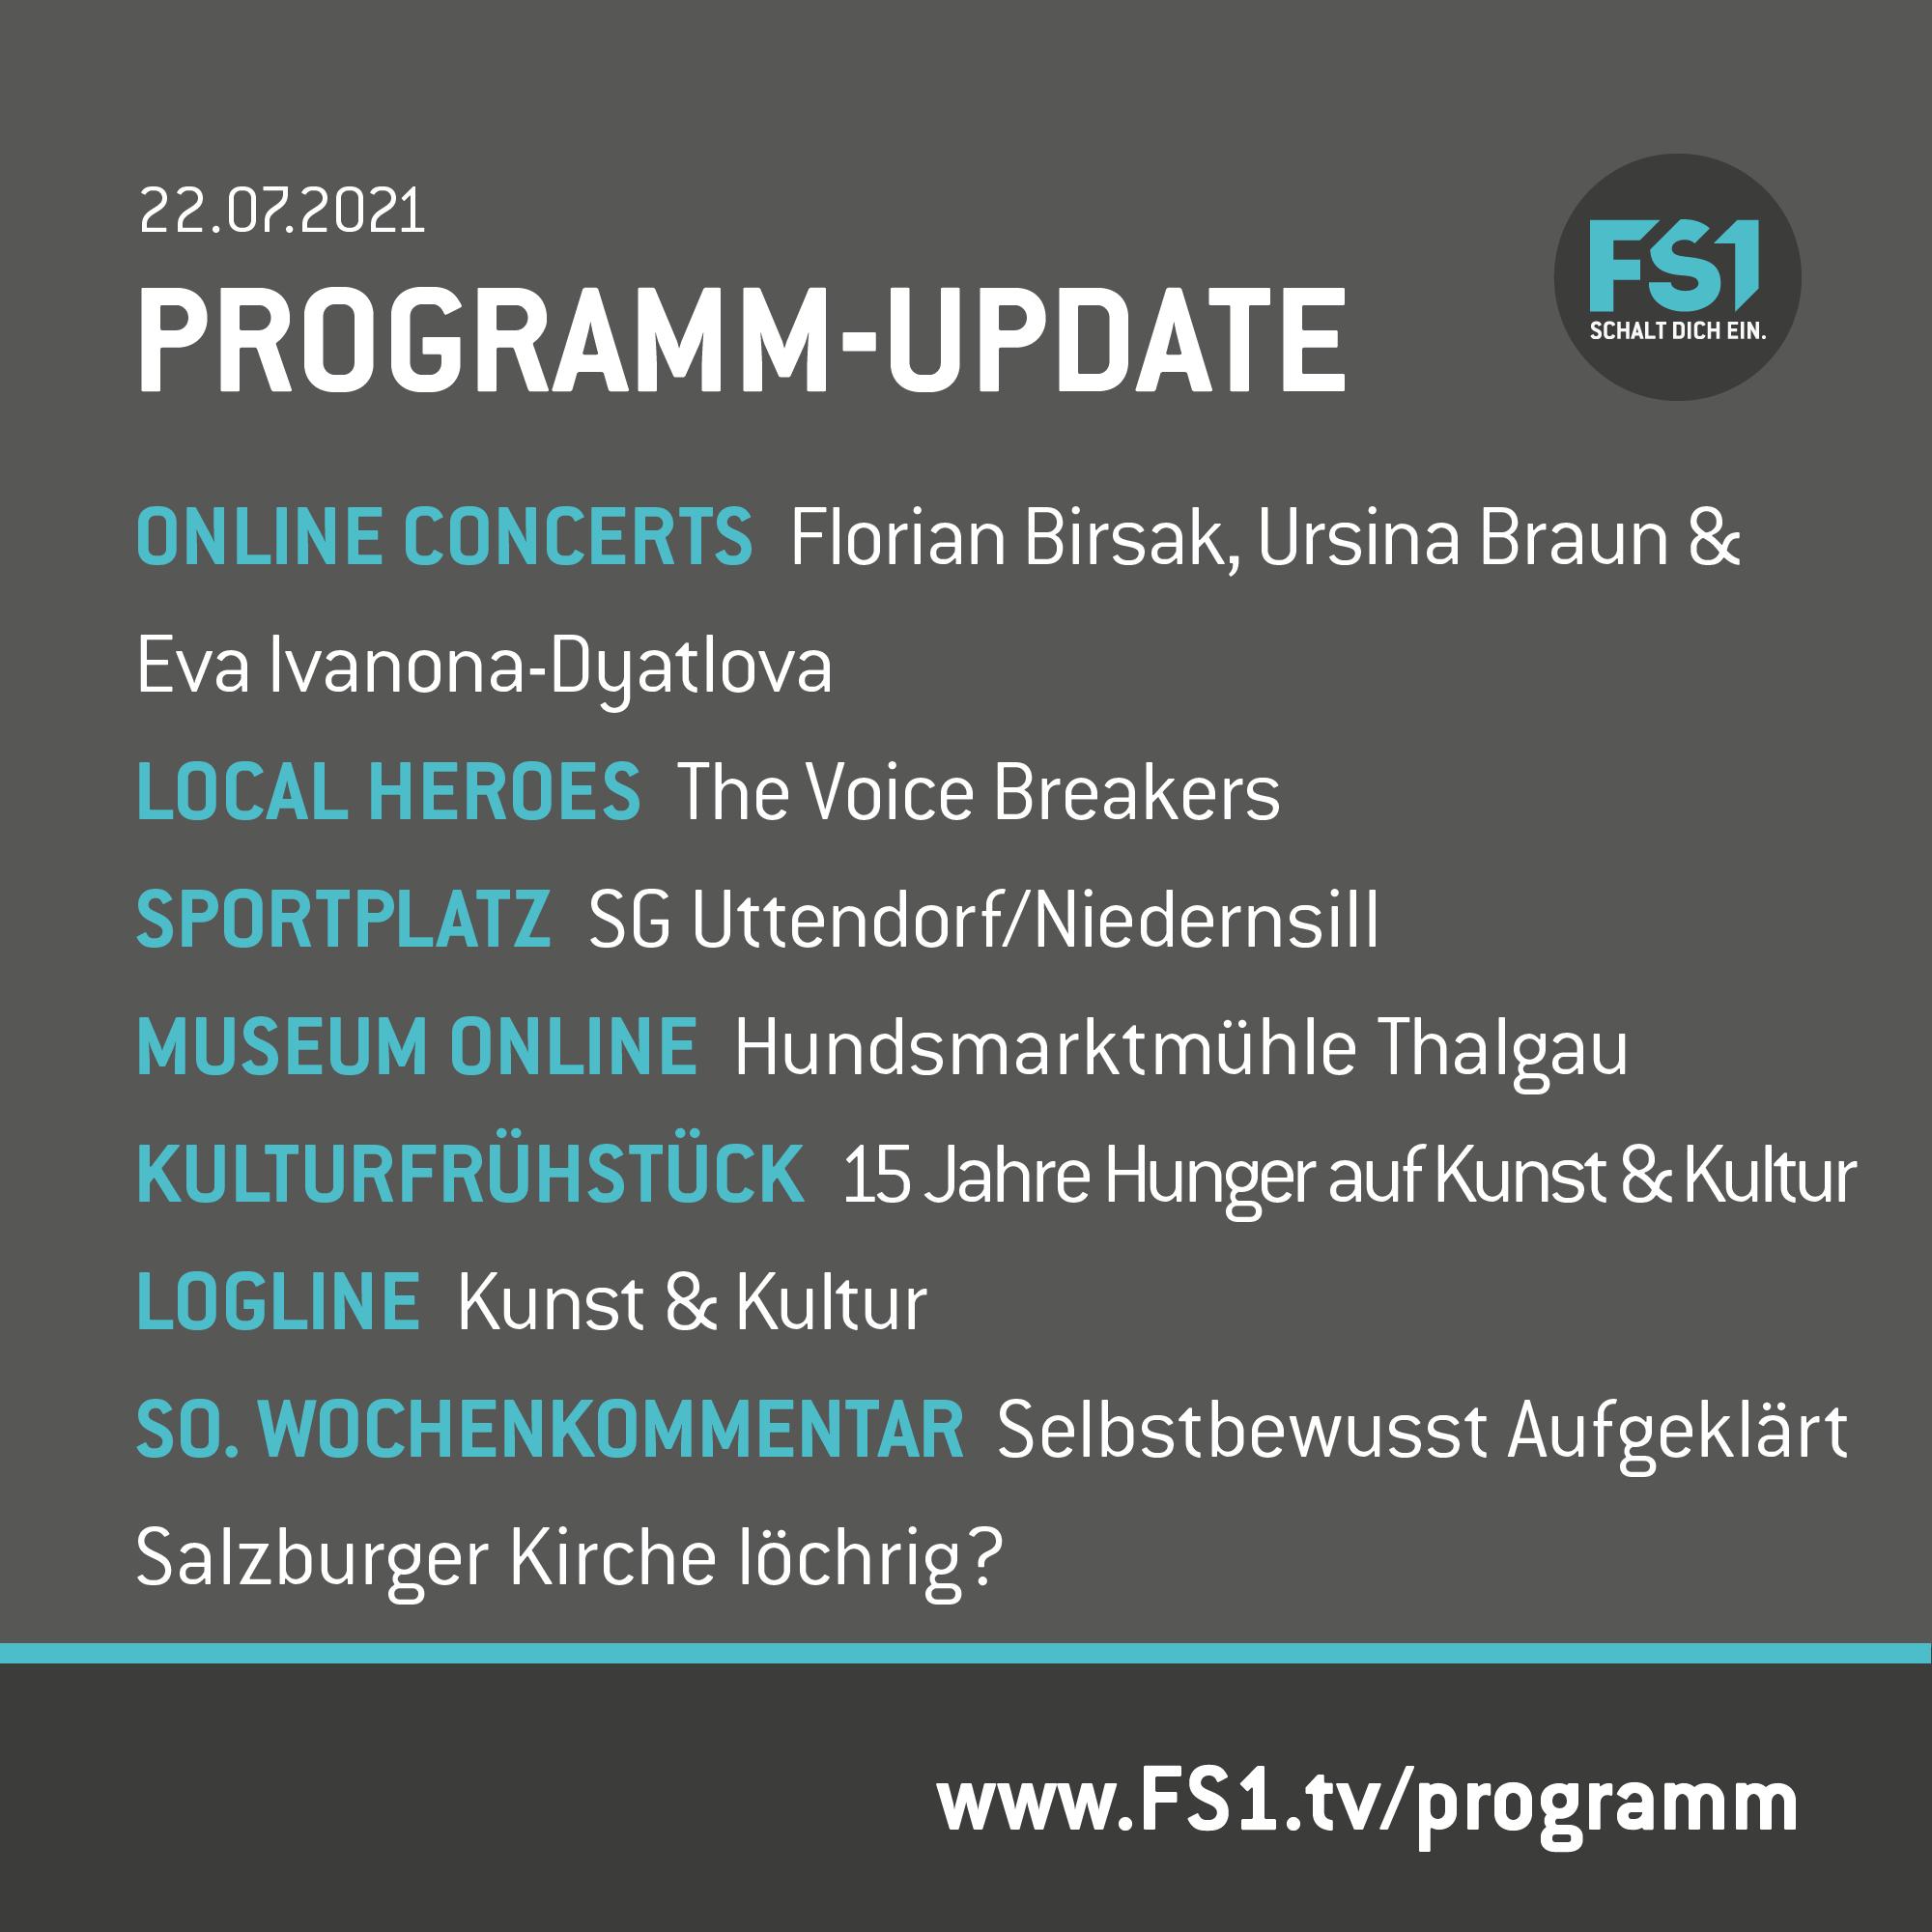 Programm-Update 22.07.